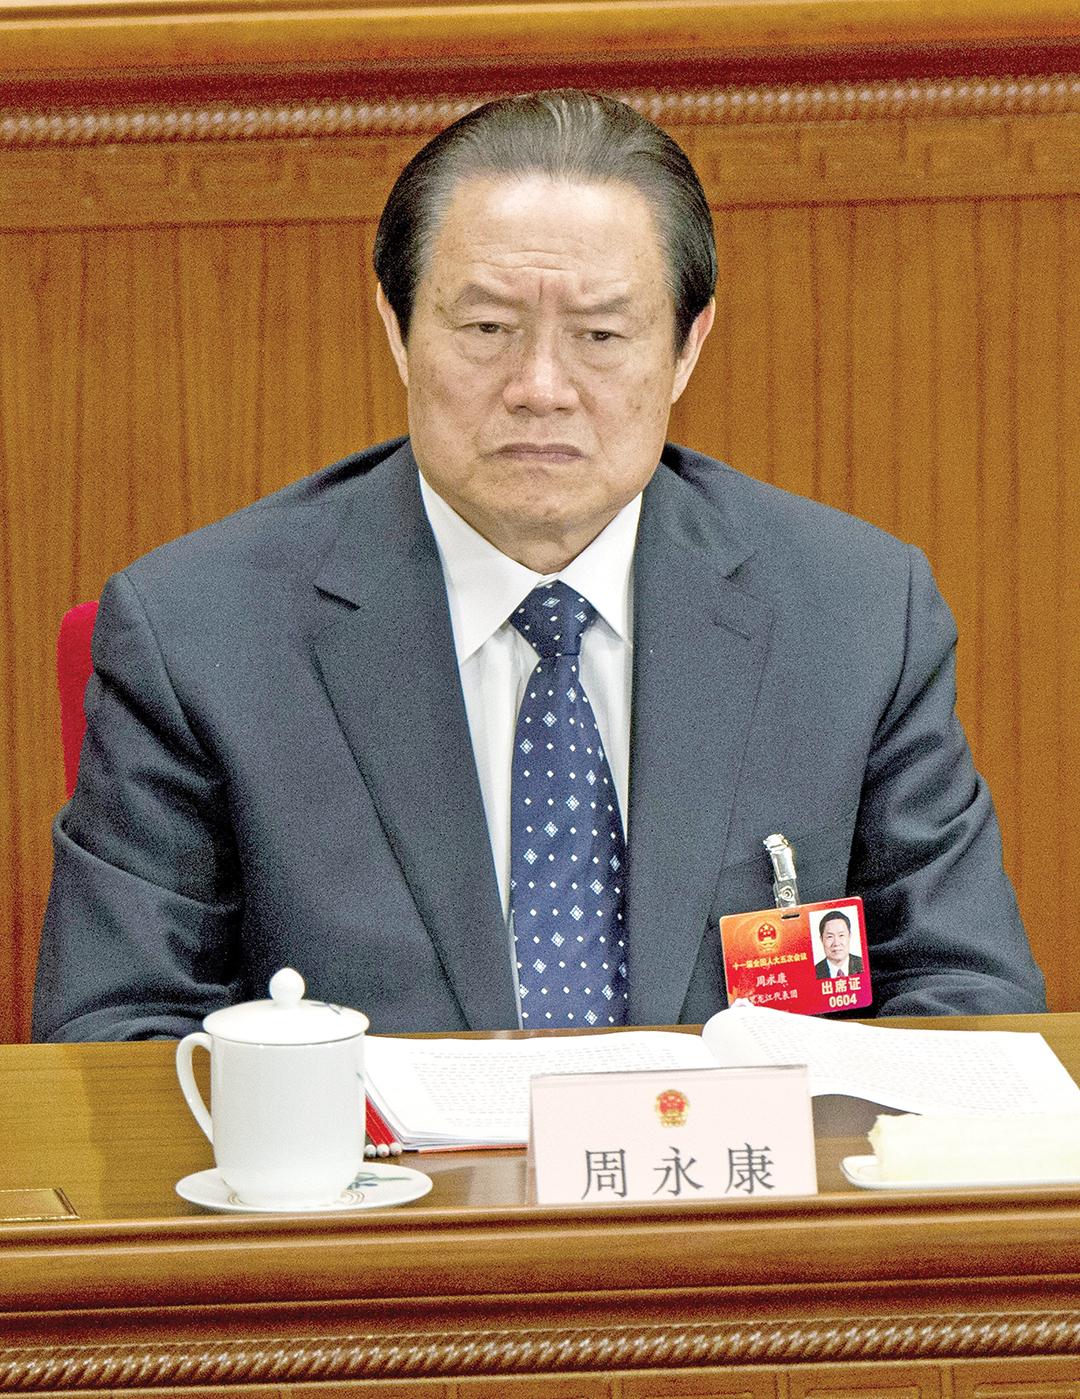 จีน: เจ้าหน้าที่ระดับสูง ถูกดำเนินคดีฐานทุจริต